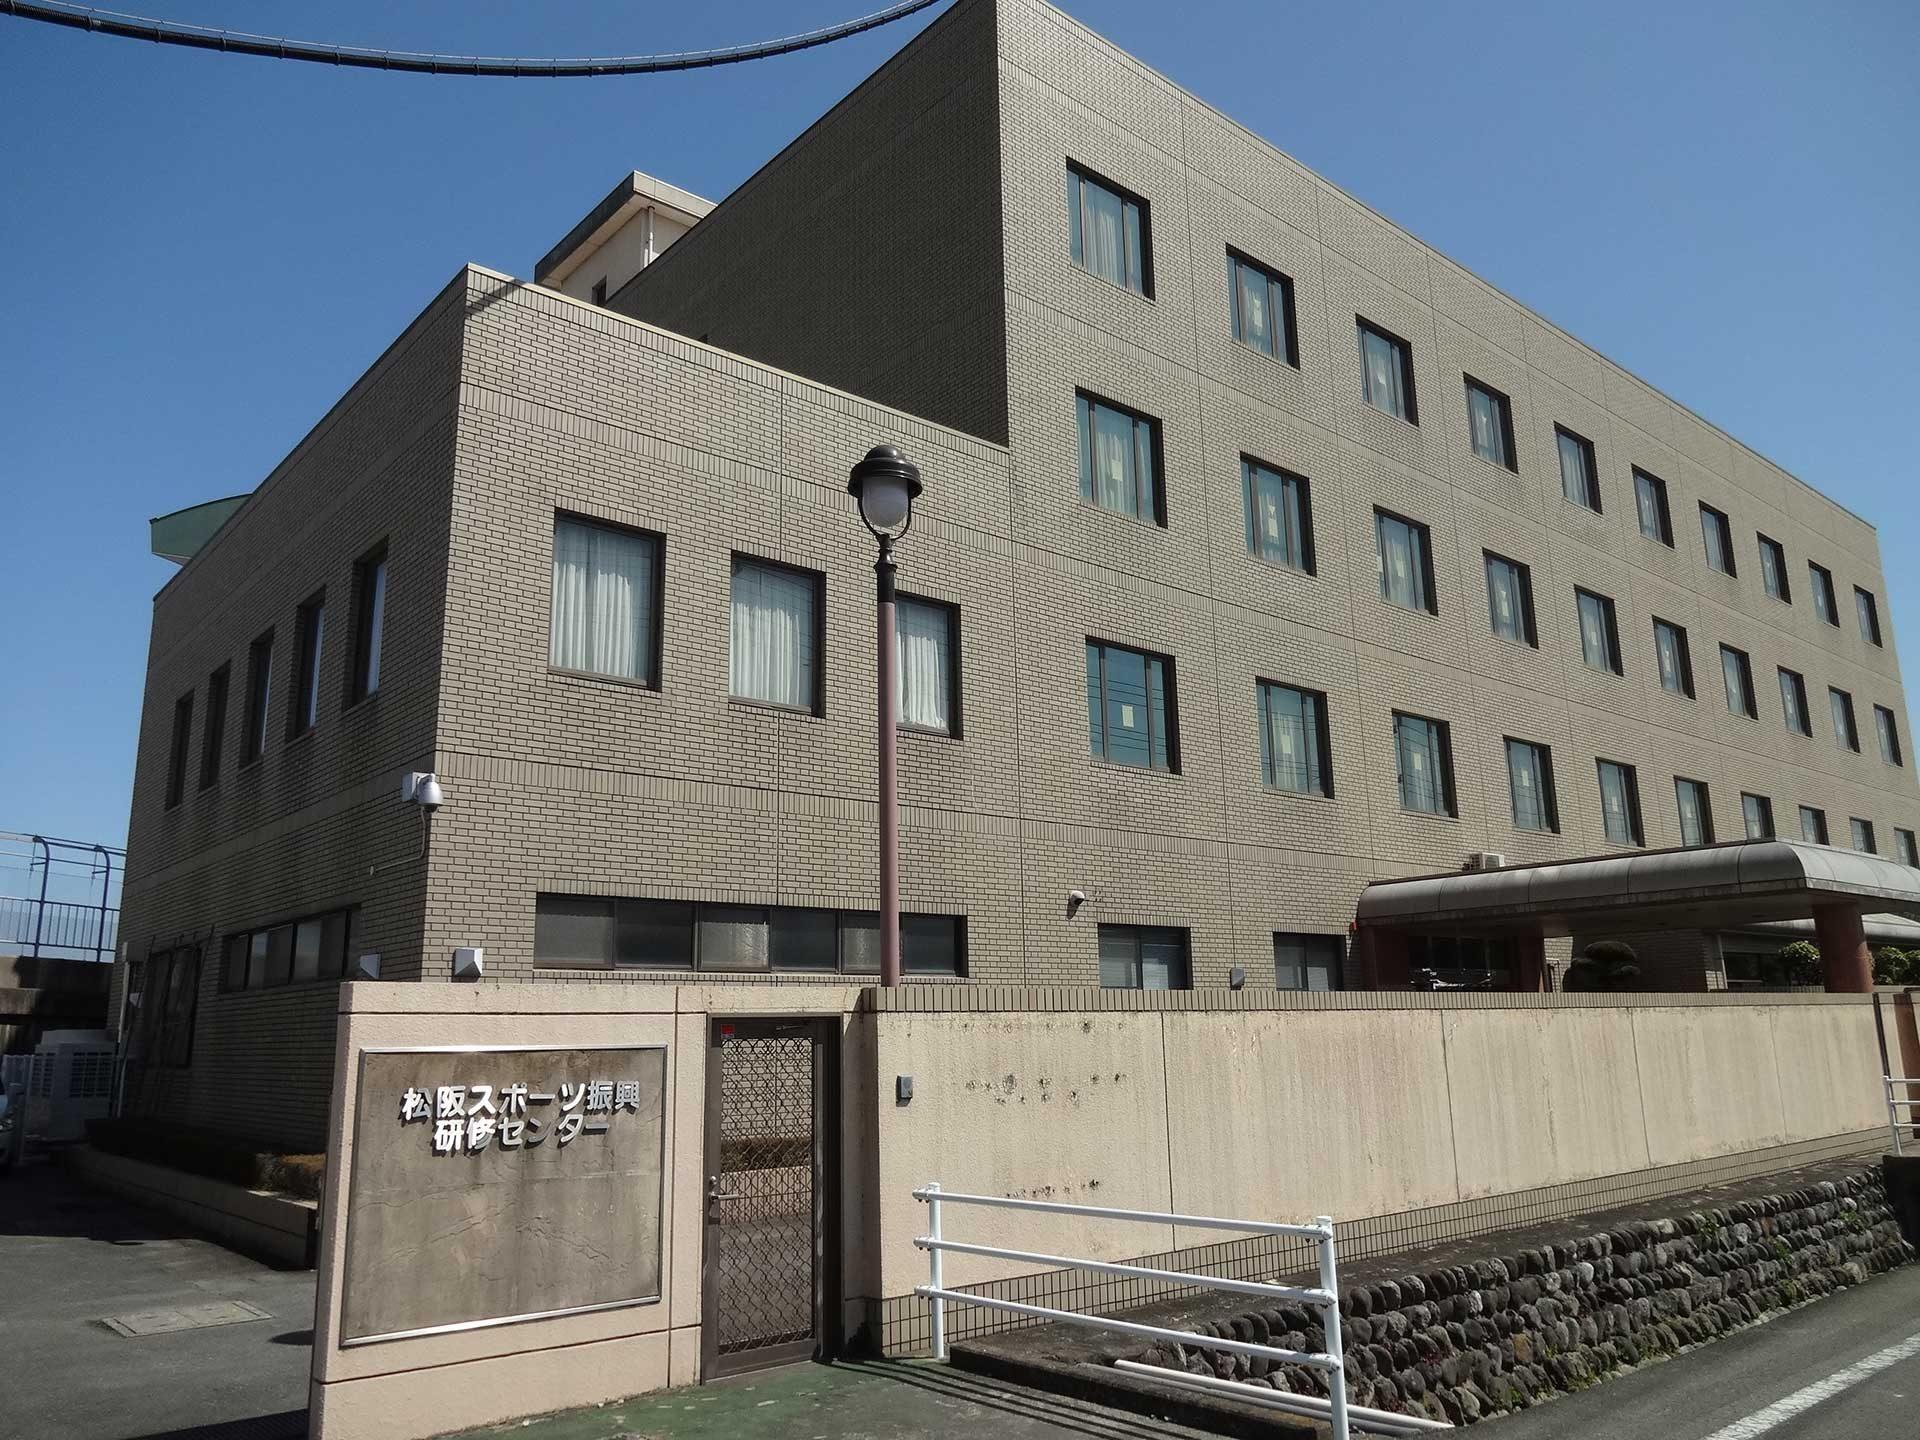 三重県松阪市にある宿泊研修施設です。